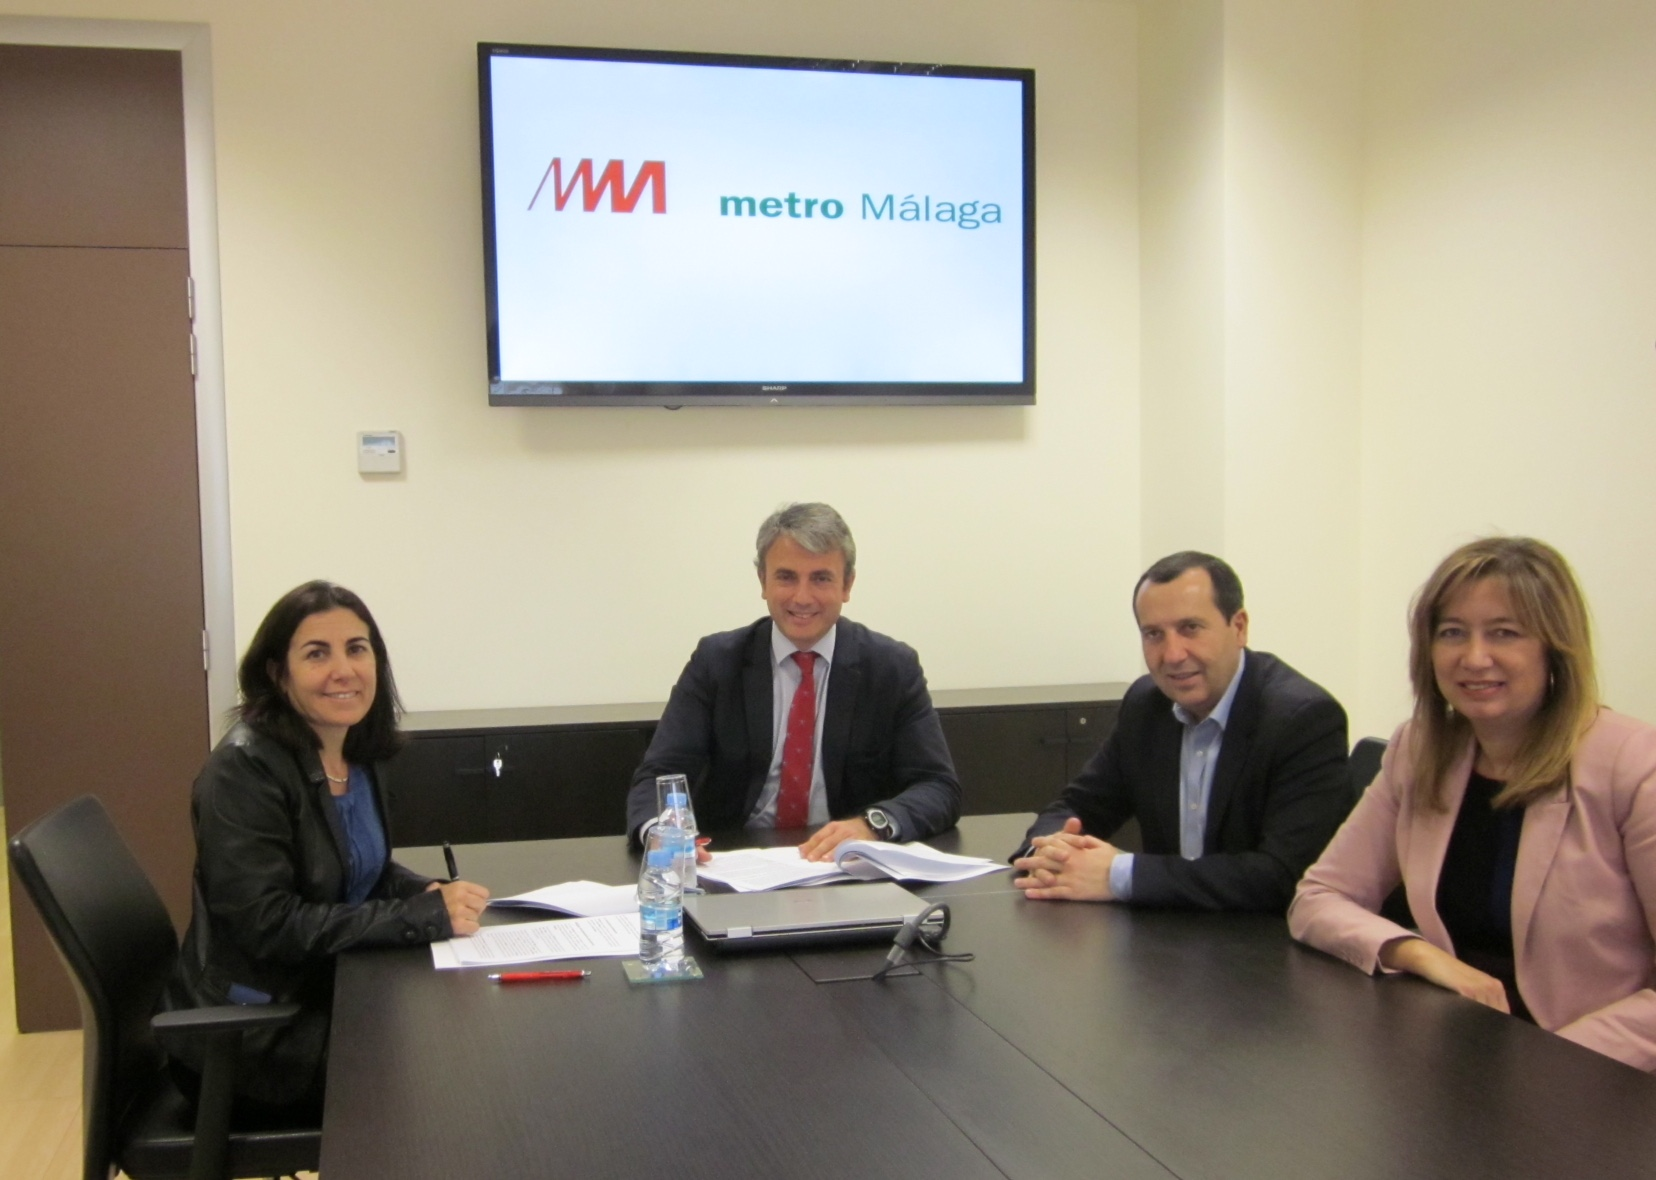 Imagen de la firma del convenio suscrito por Metro de M�laga y Telef�nica Movistar.